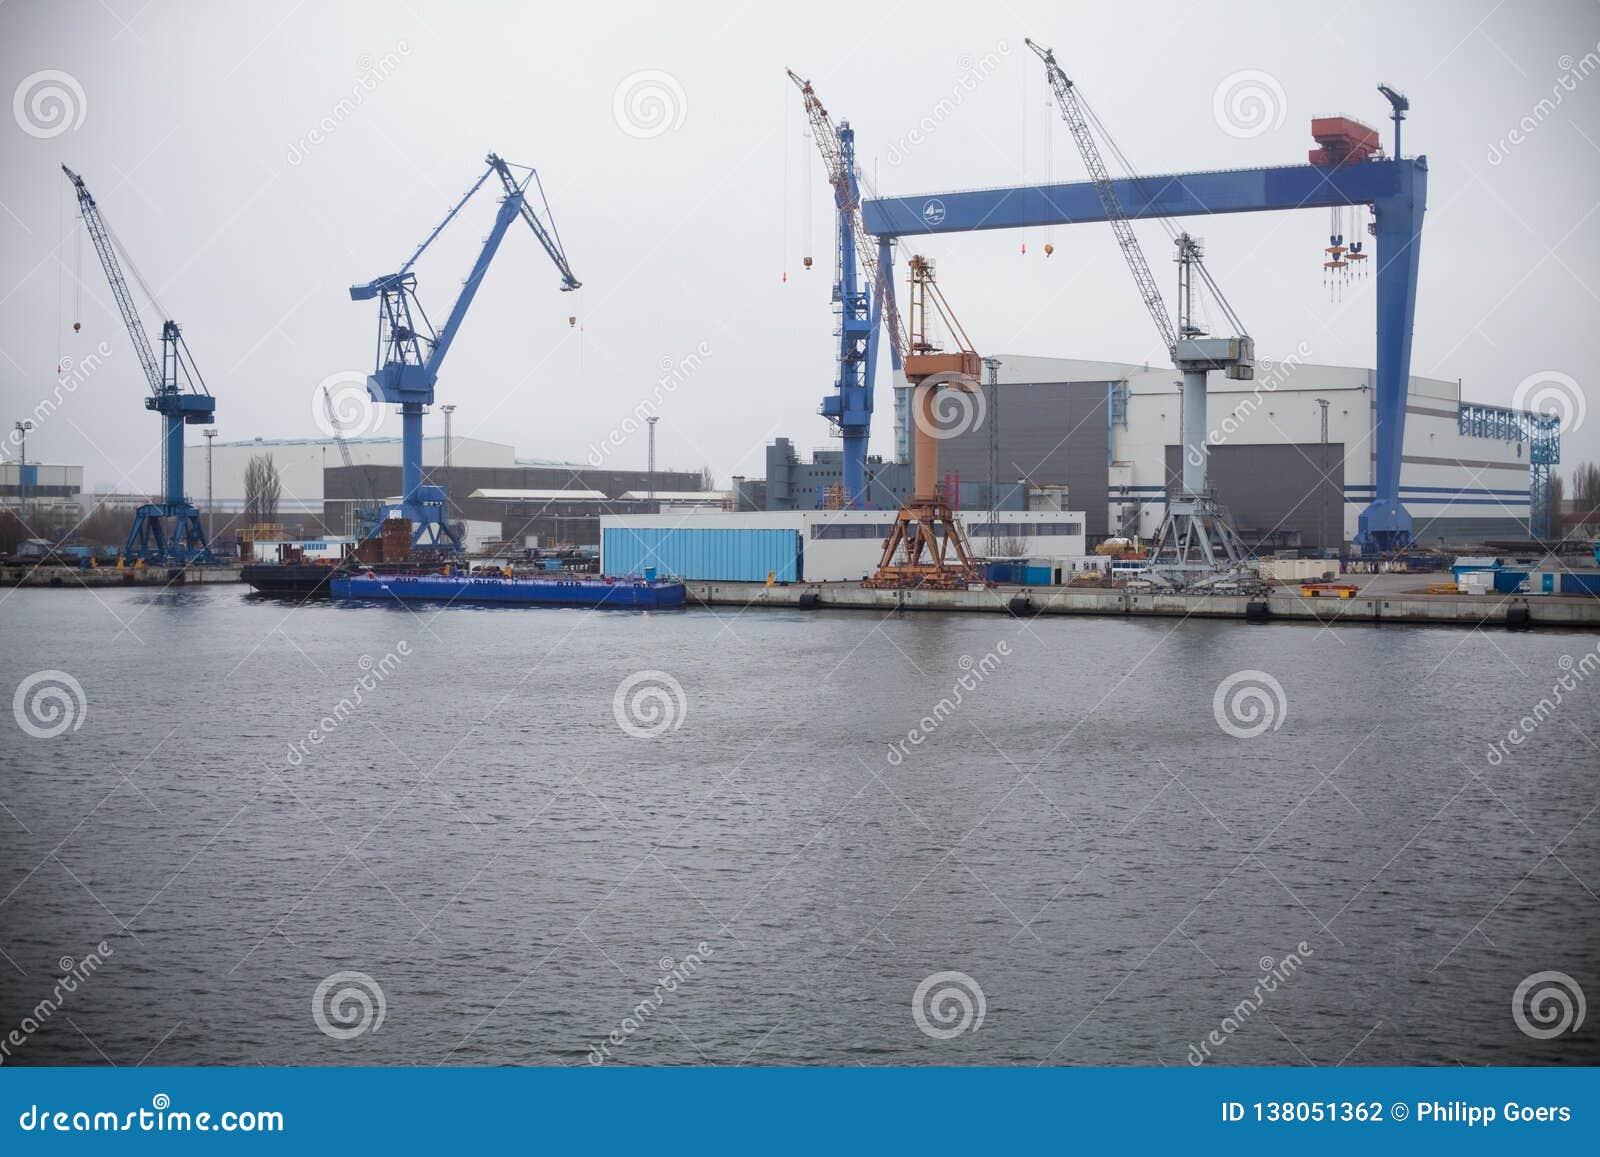 Eine Portansicht mit Kran an einer Werft